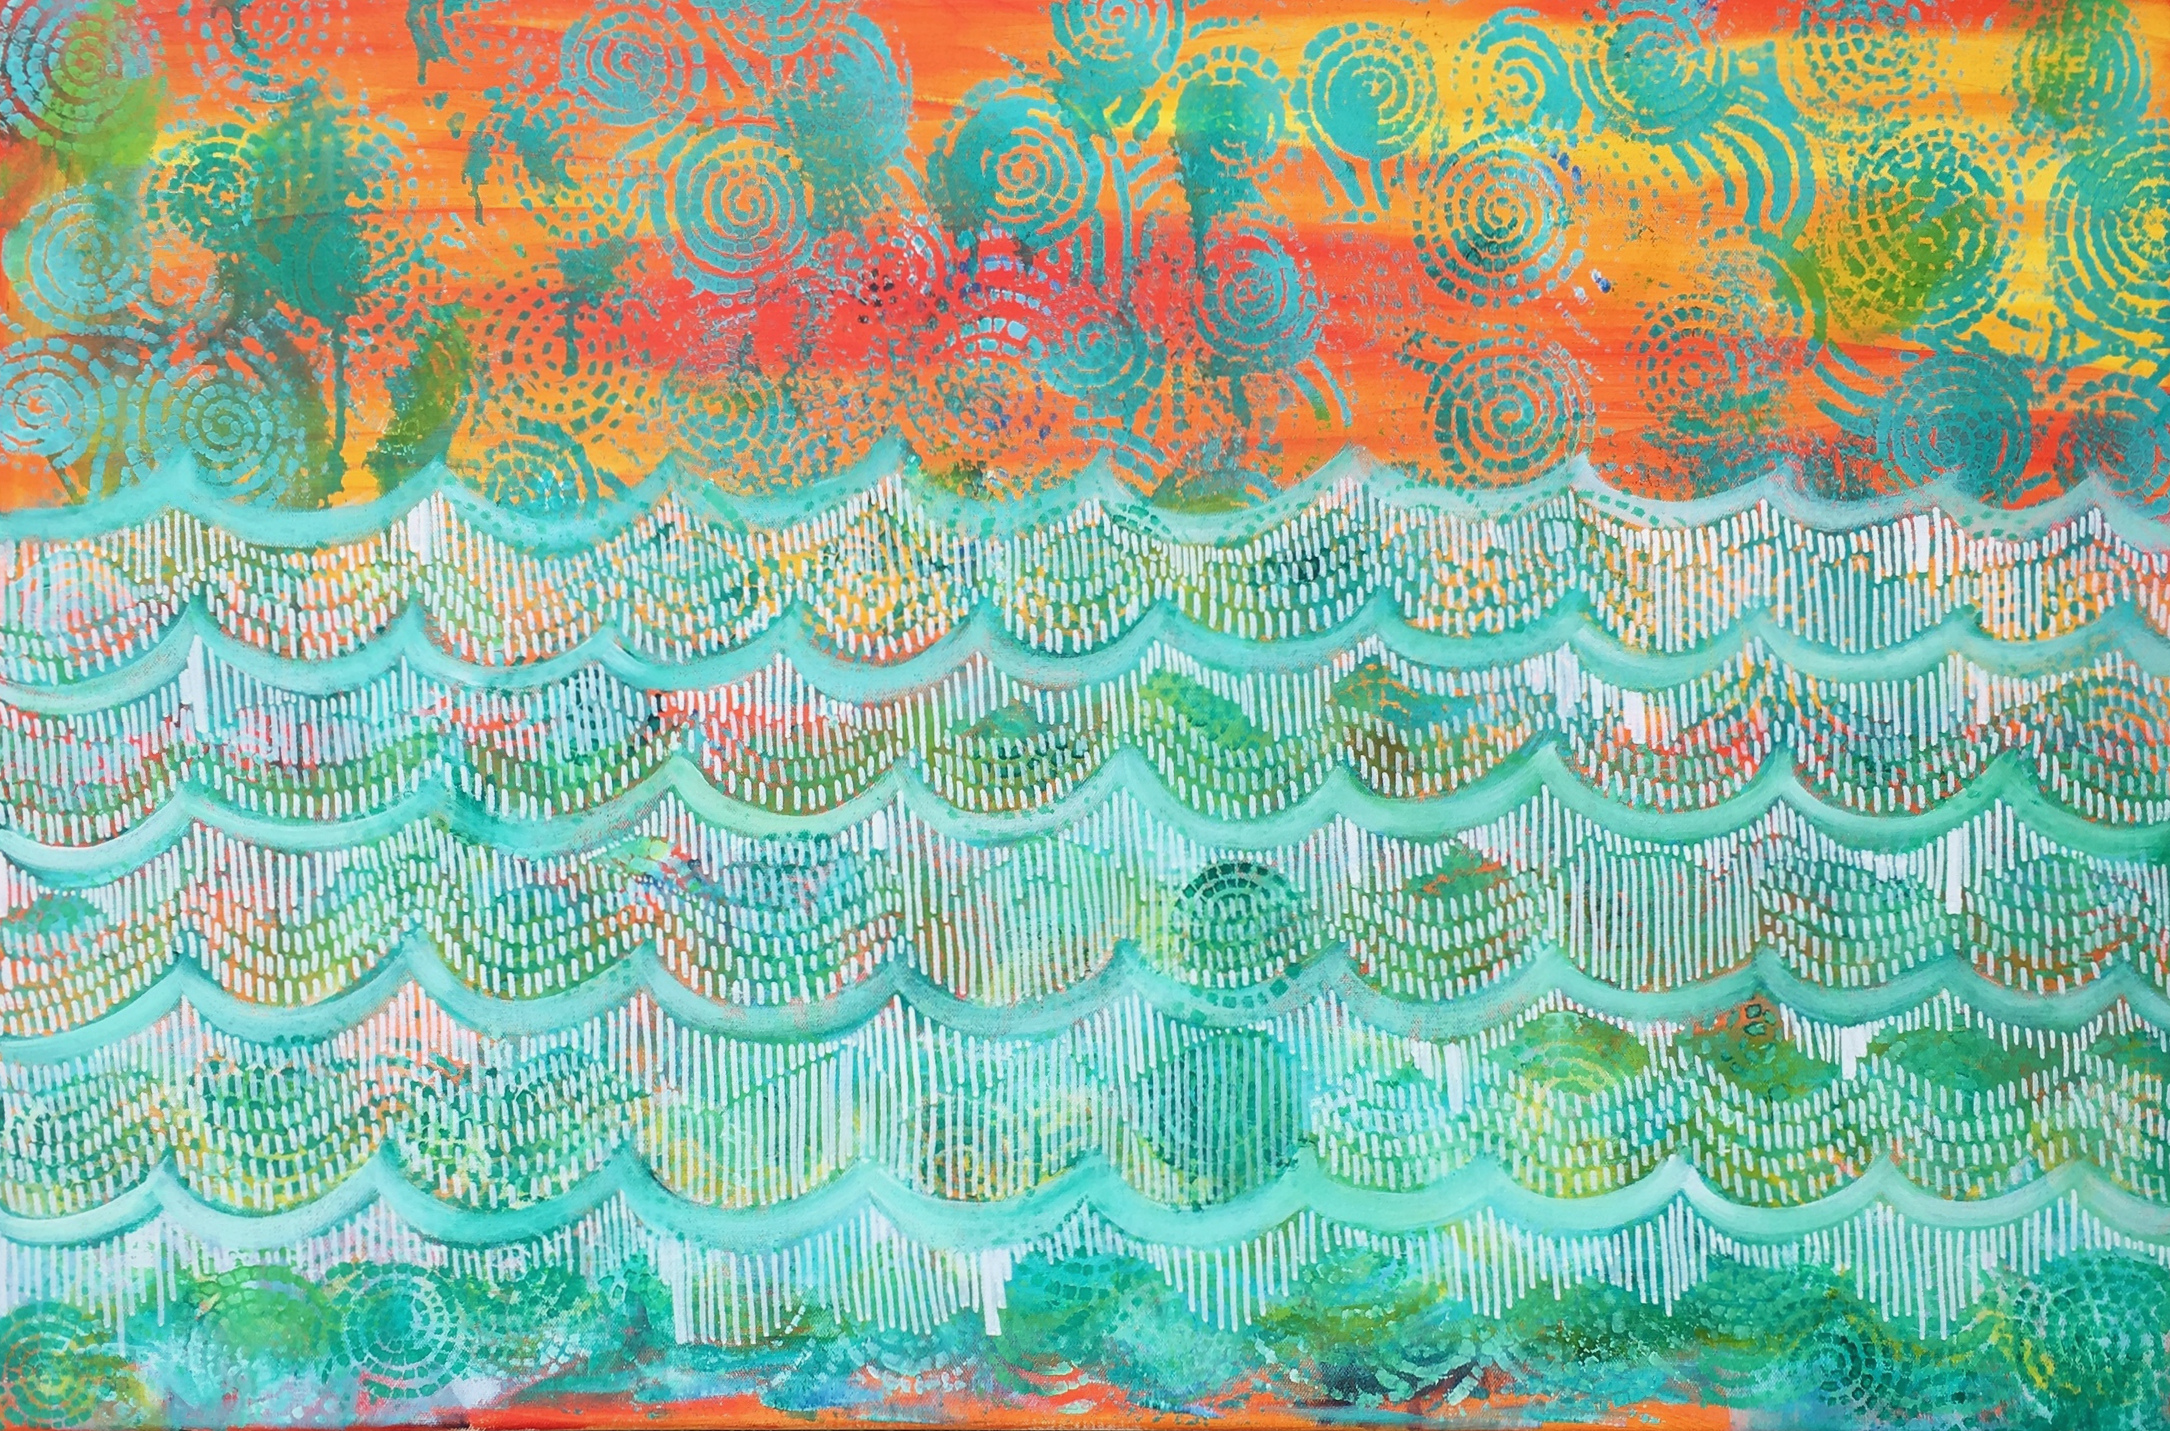 surf paintings  (6) (1).jpg